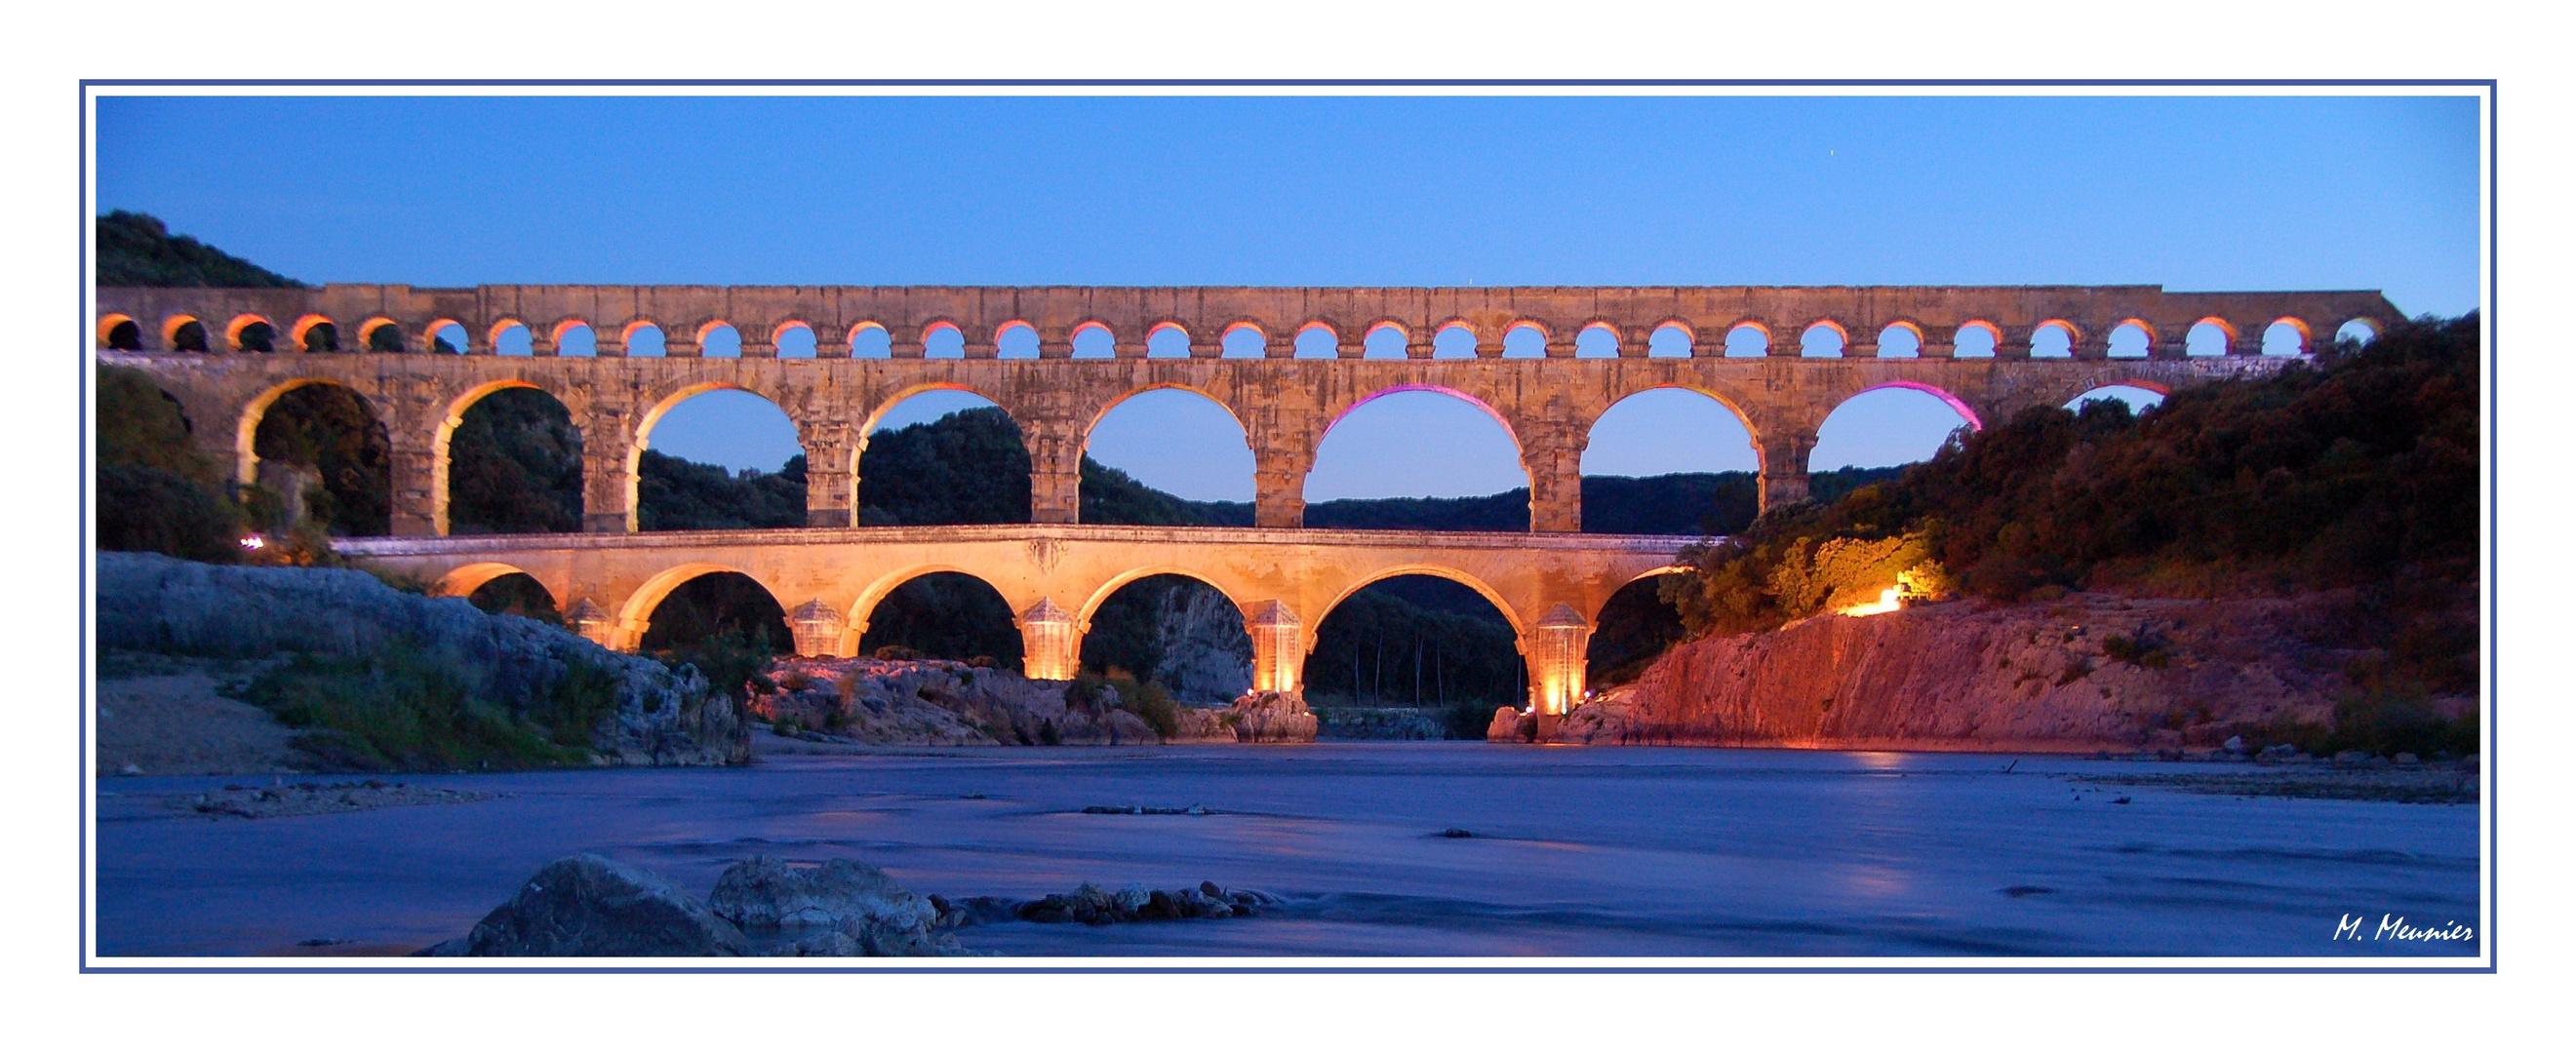 Le pont du gard et ses illuminations